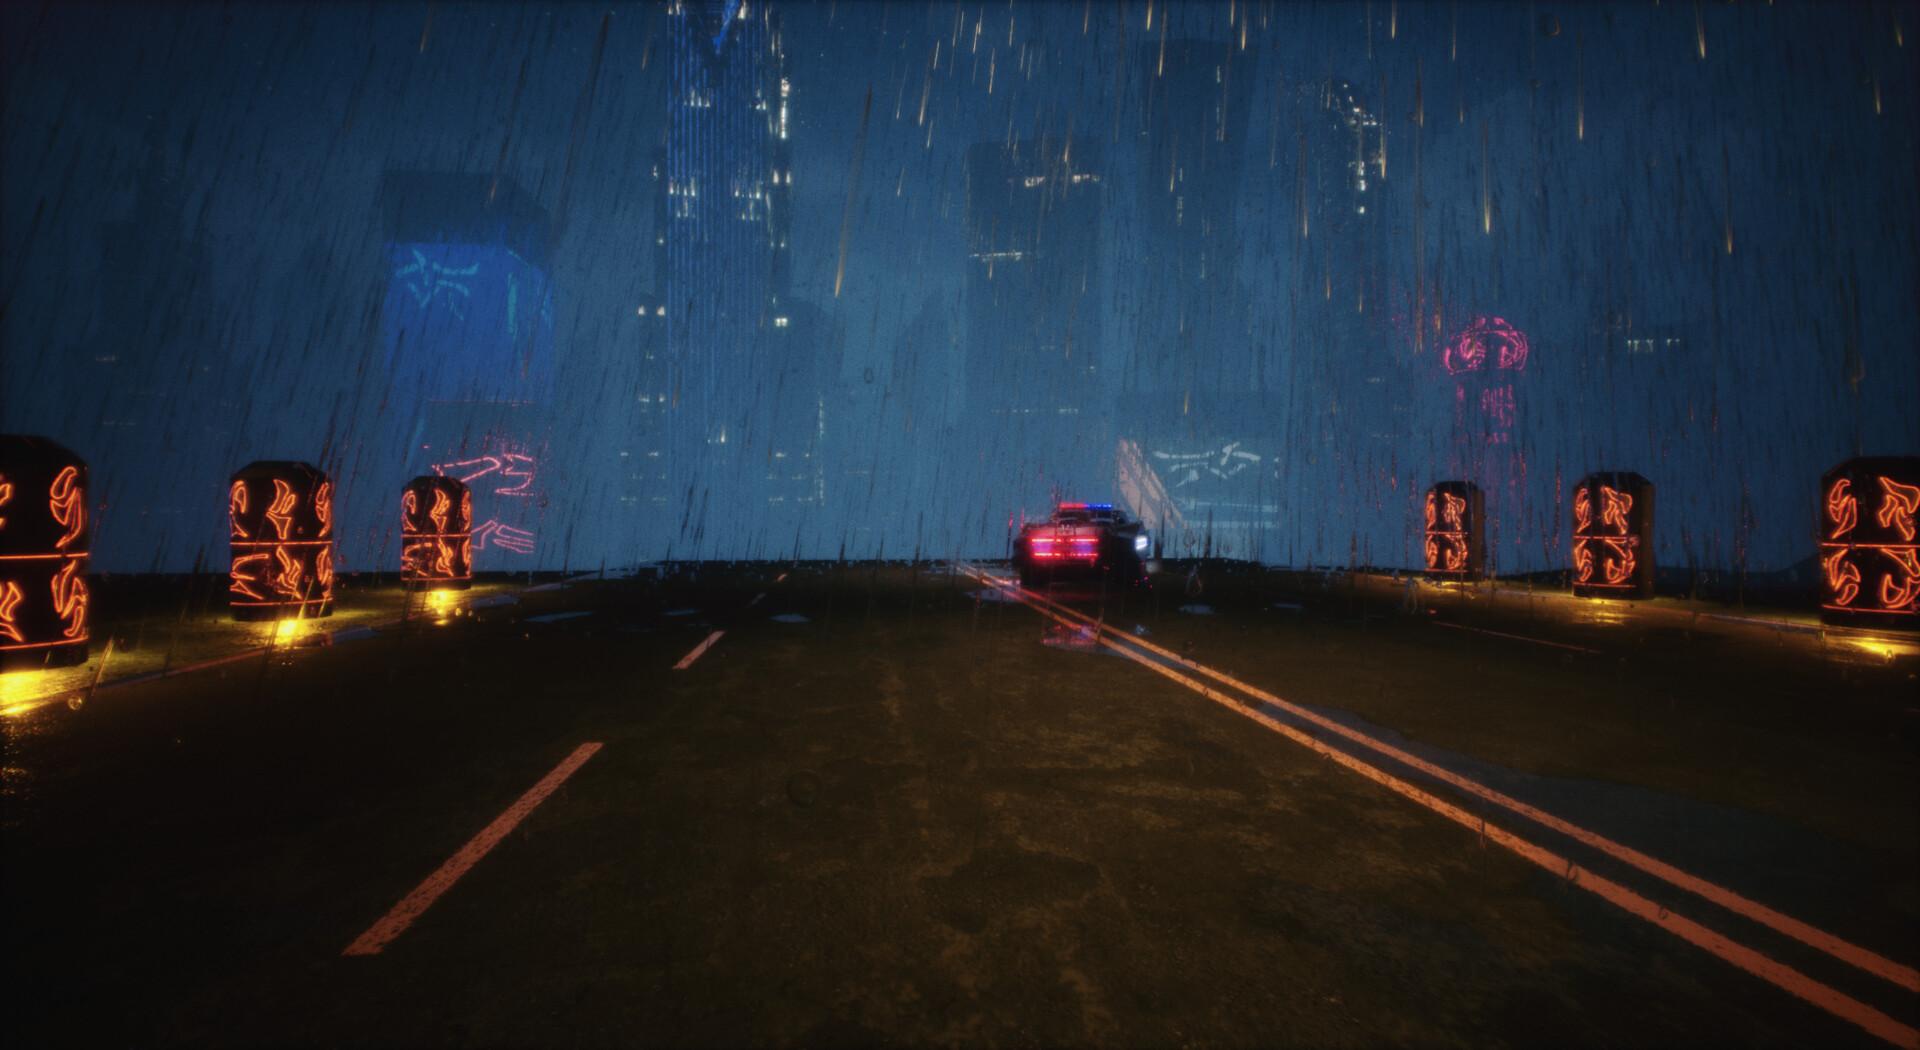 ArtStation - Neo City Skyline - Environment Design for the